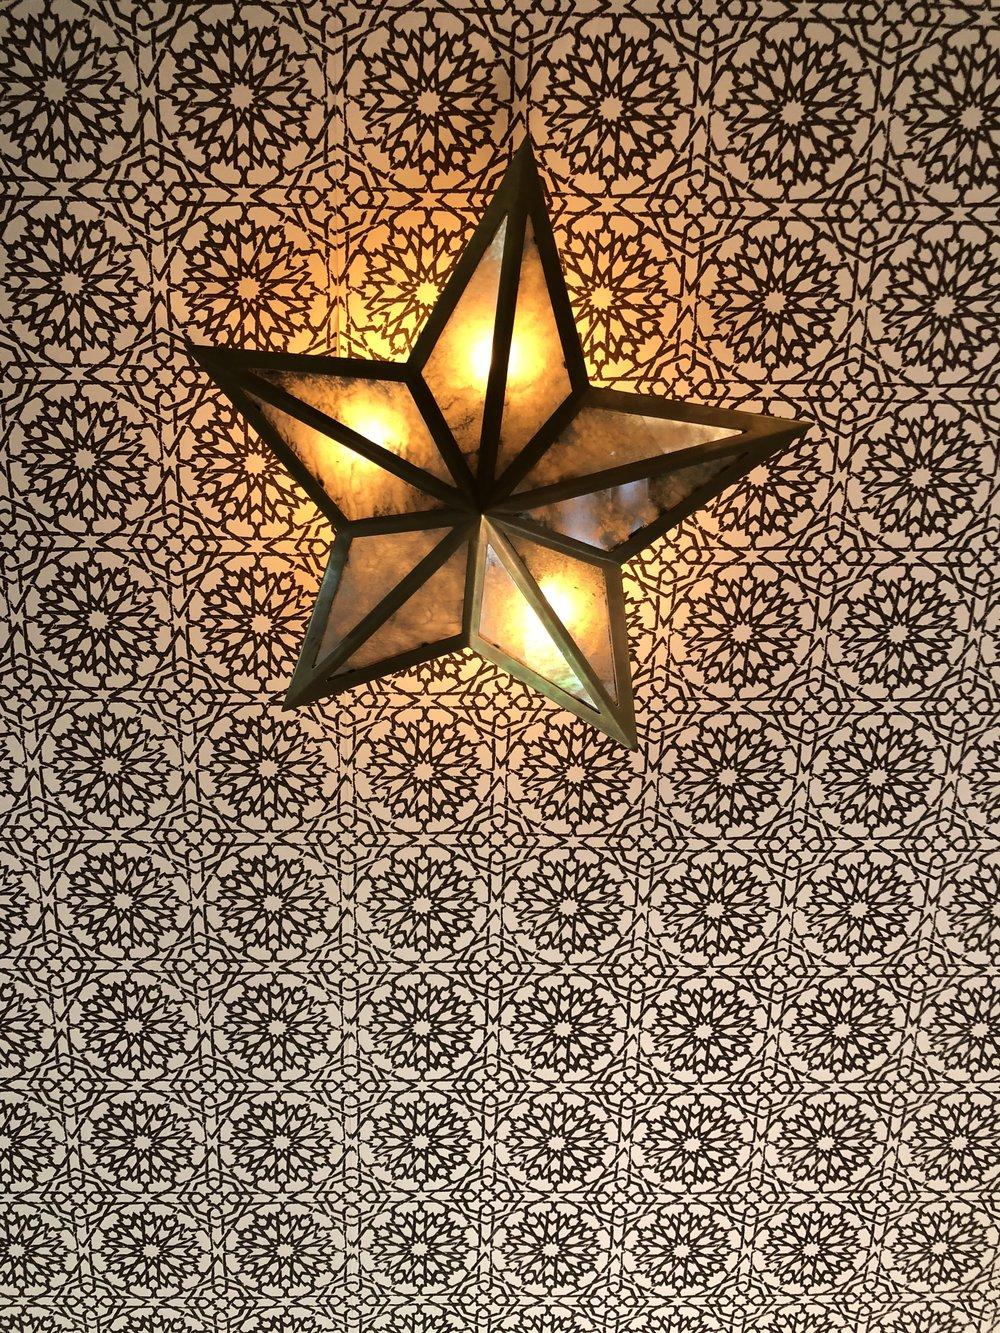 casa laguna's room ceiling with star light